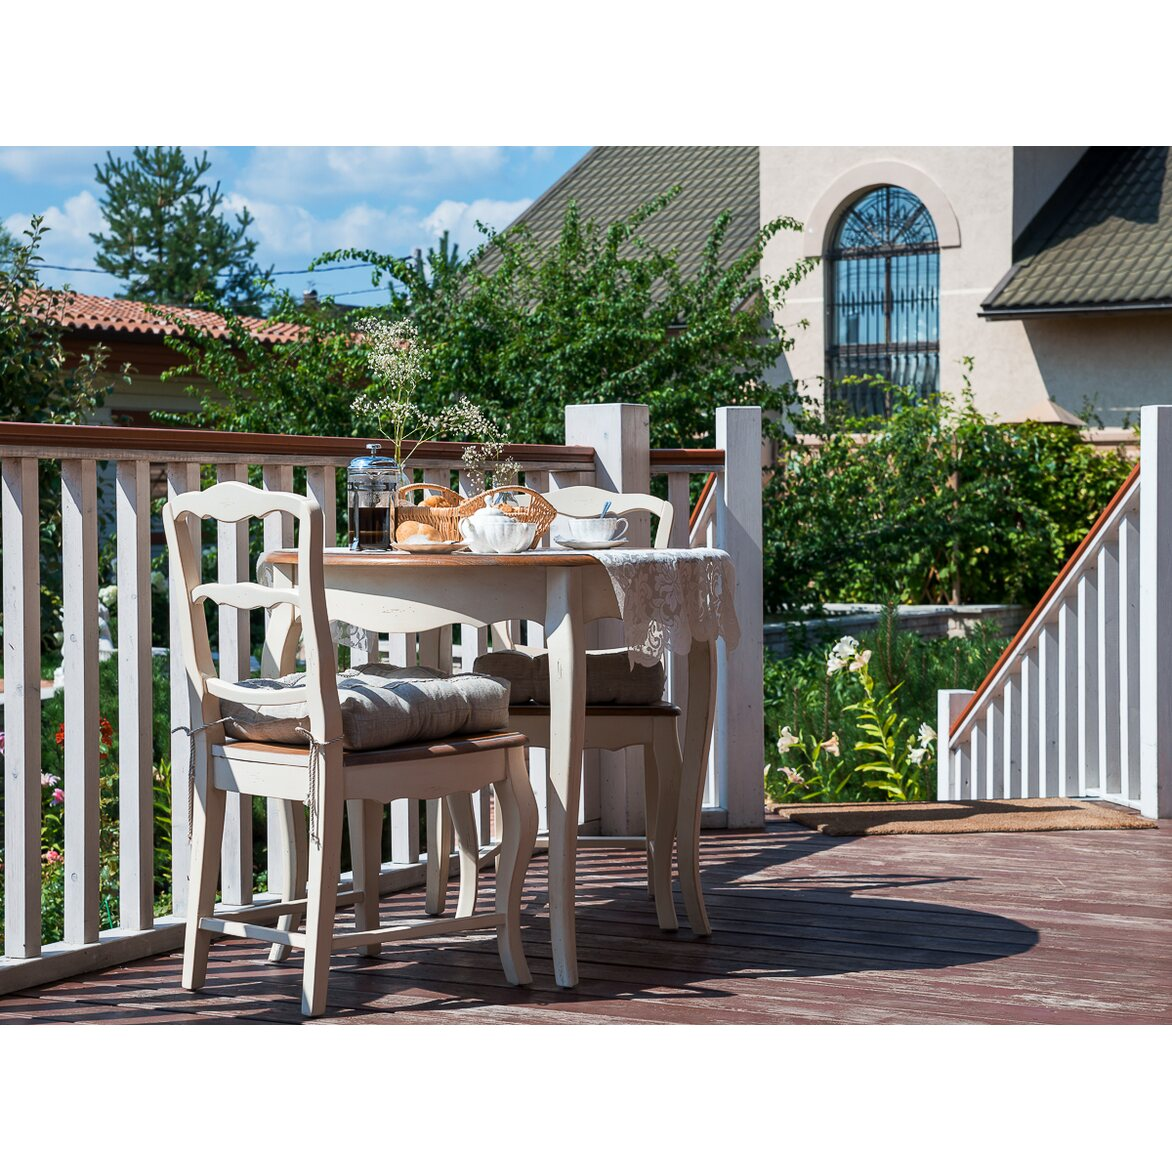 Круглый обеденный стол (большой) Leontina, бежевого цвета 4 | Обеденные столы Kingsby